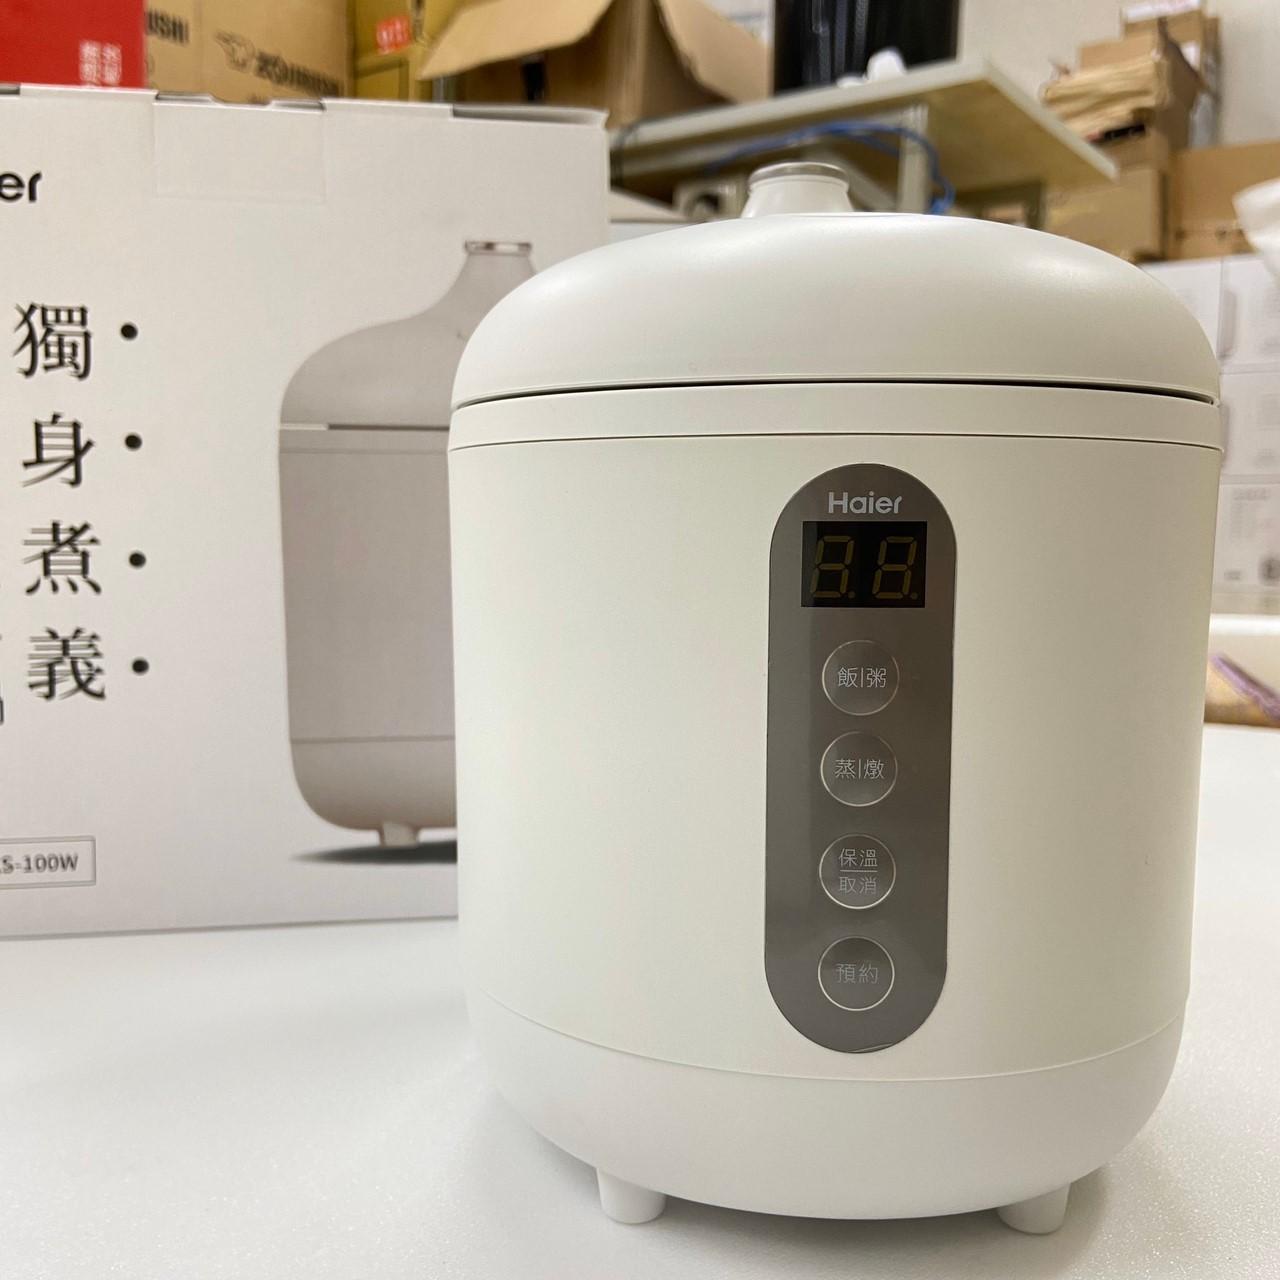 外星人觸角的電子鍋【Haier海爾迷你多功能電子鍋】HKS-100